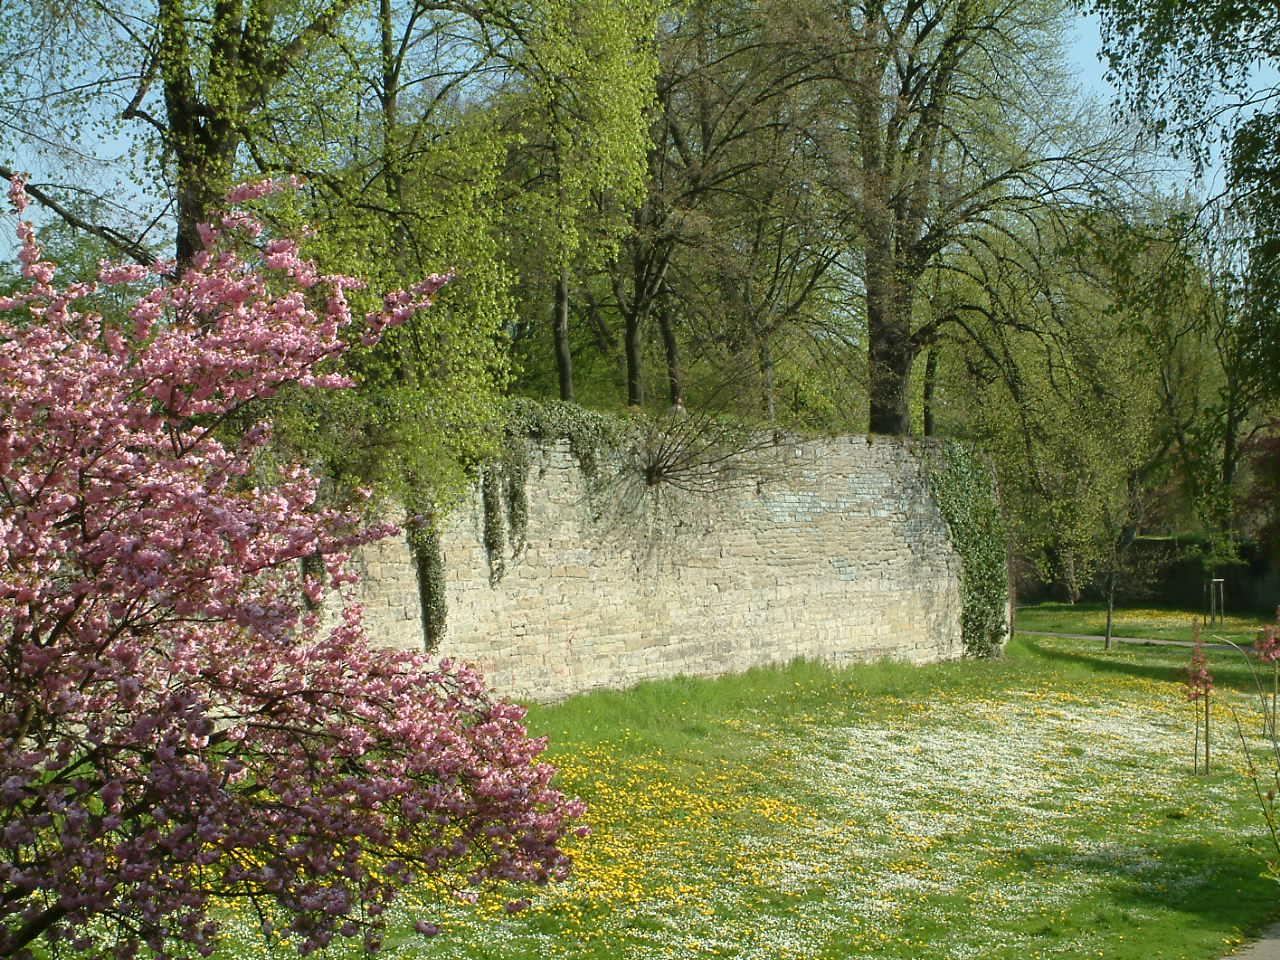 Der Wall in Soest heute als Parkanlage in der Gräfte